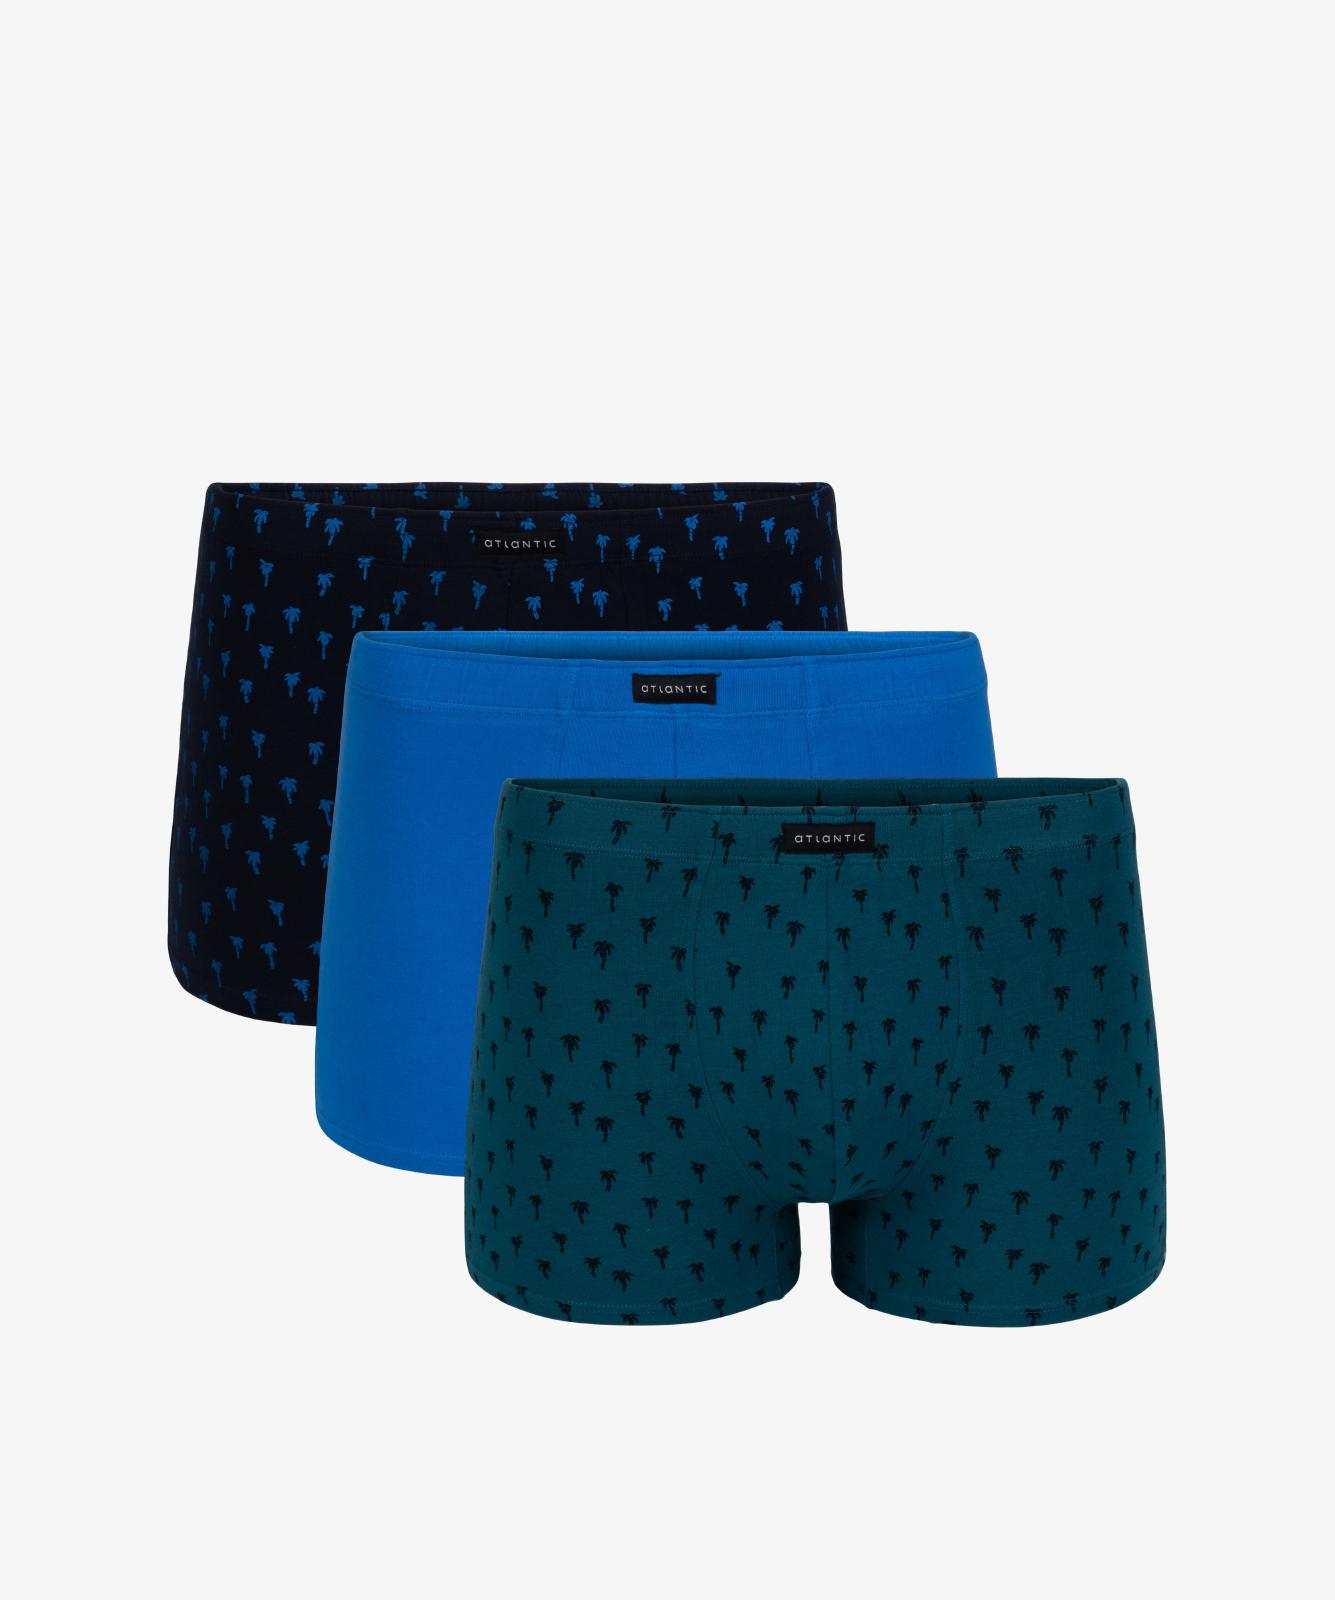 Мужские трусы шорты Atlantic, набор из 3 шт., хлопок, темно-синие + голубые + зеленые, 3MH-006